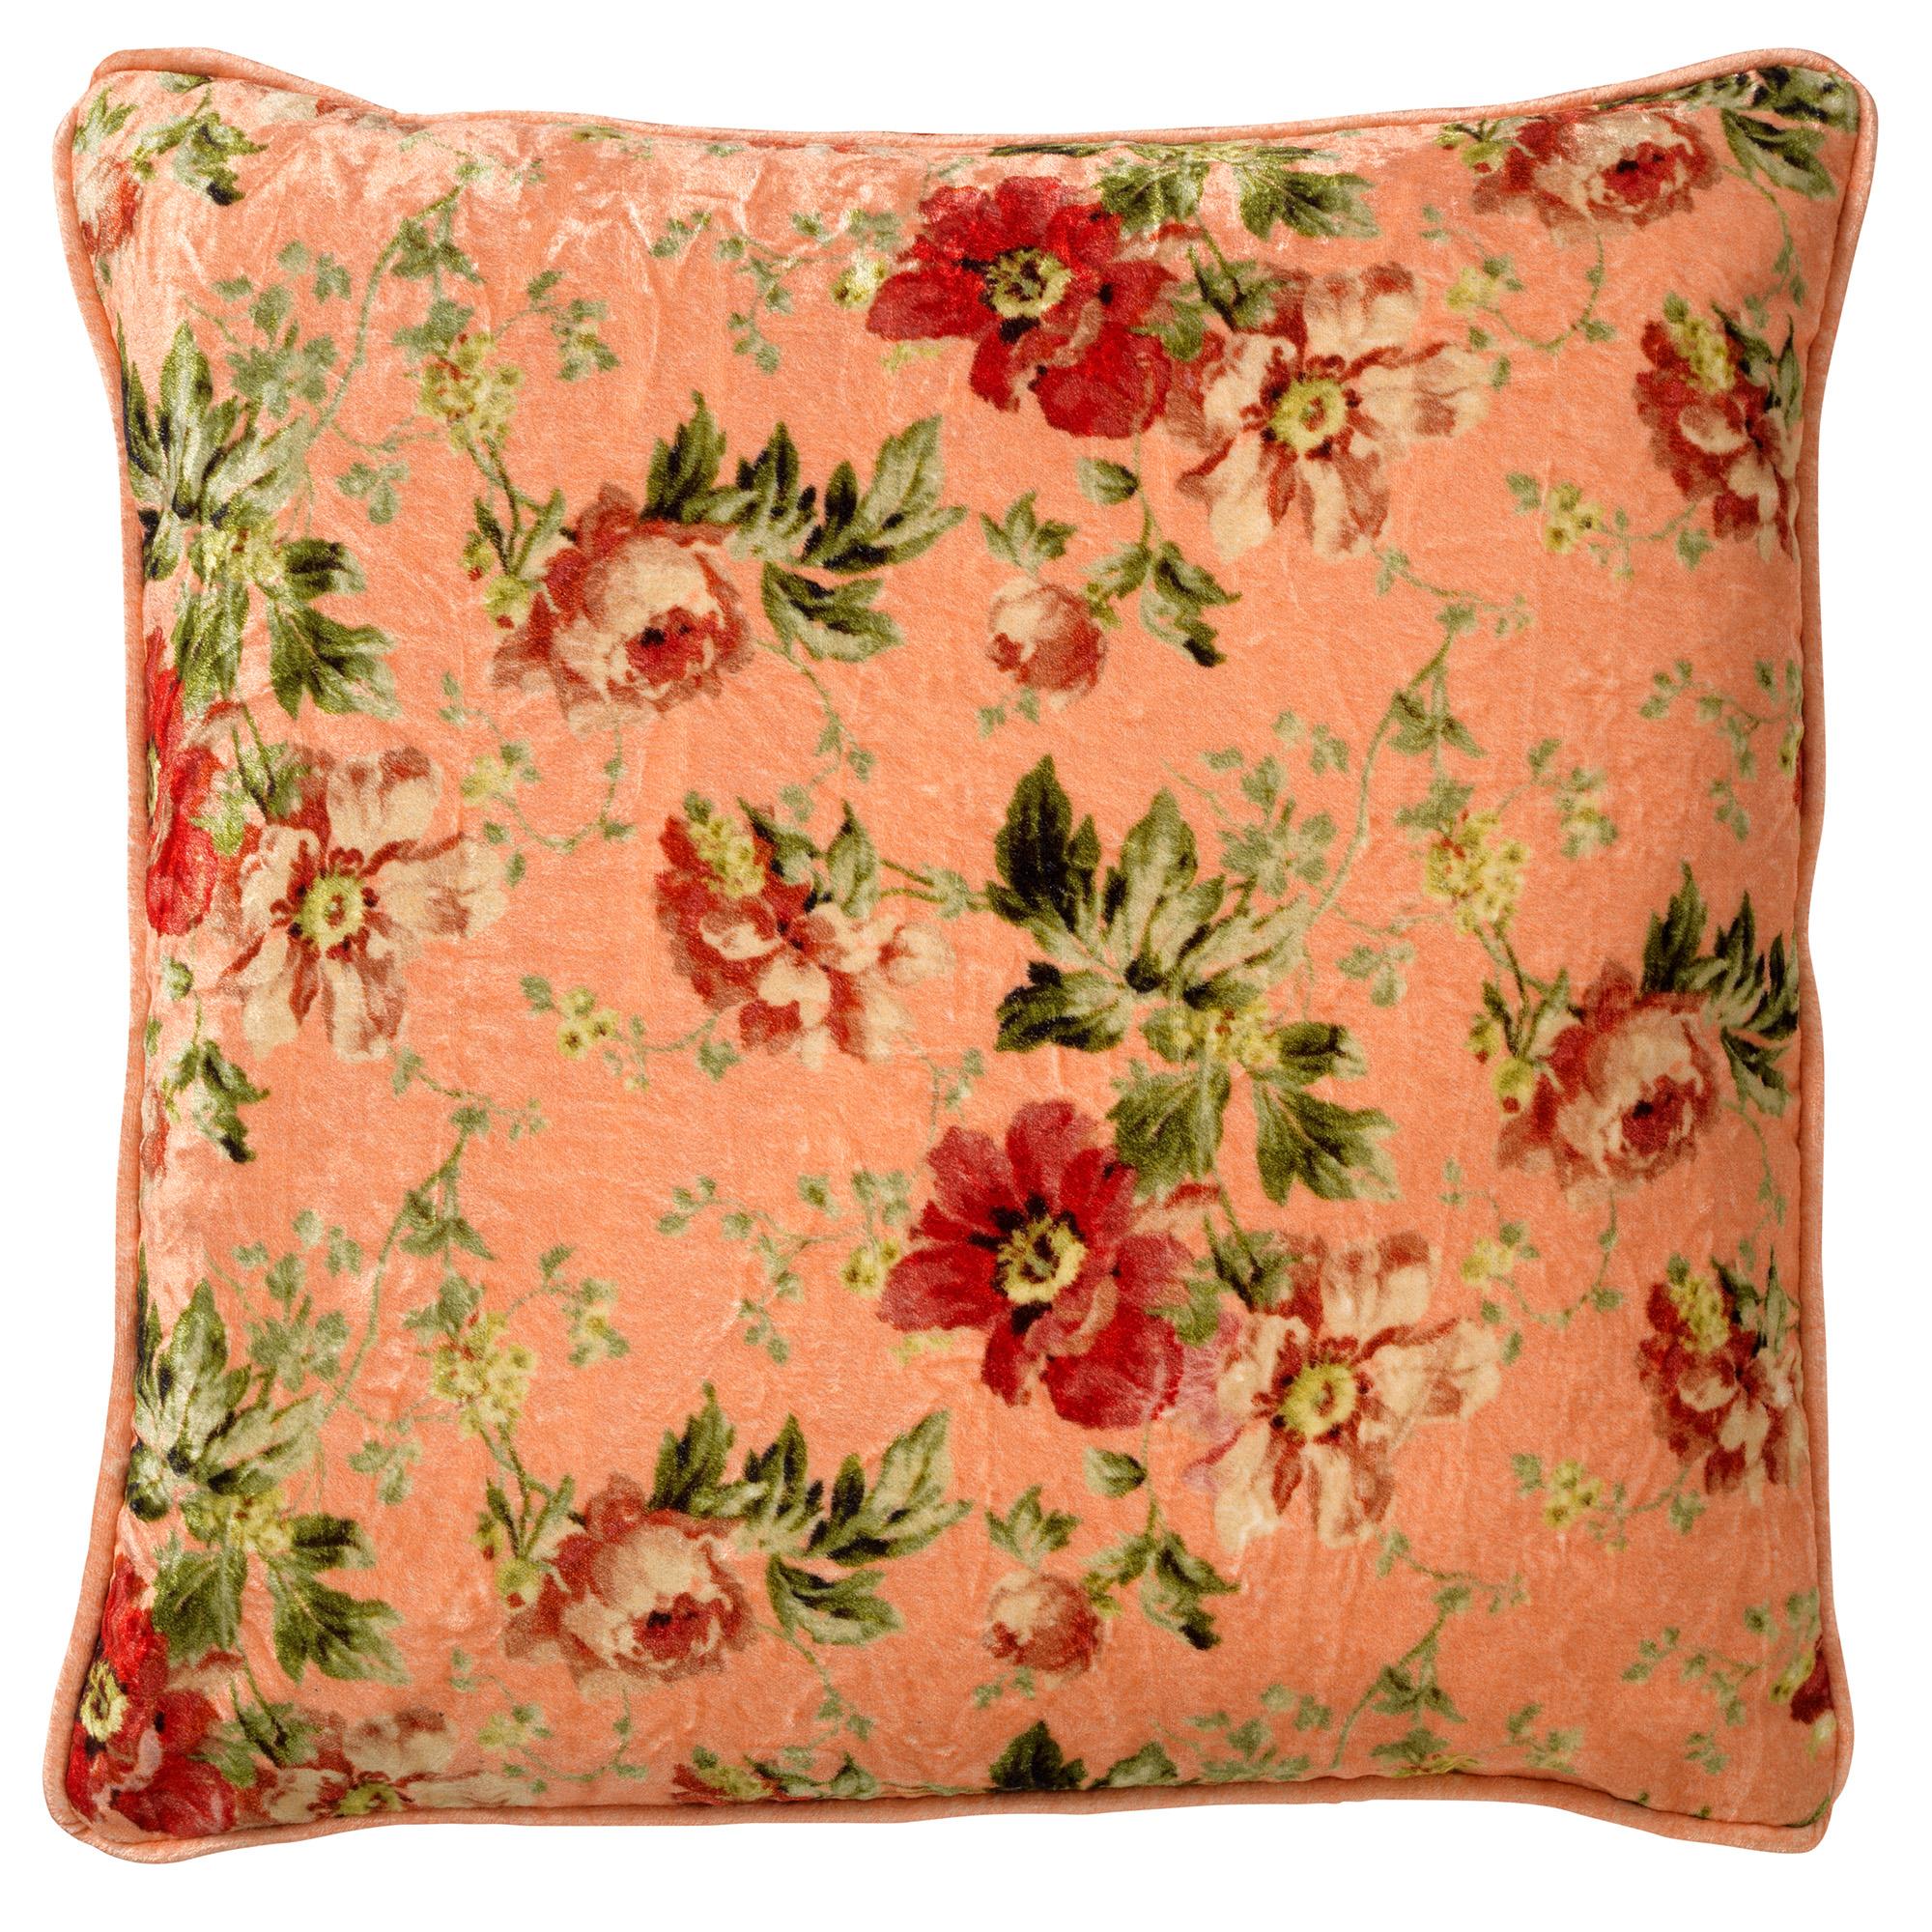 Housse de coussin en velours avec des fleurs Rose saumon 45x45